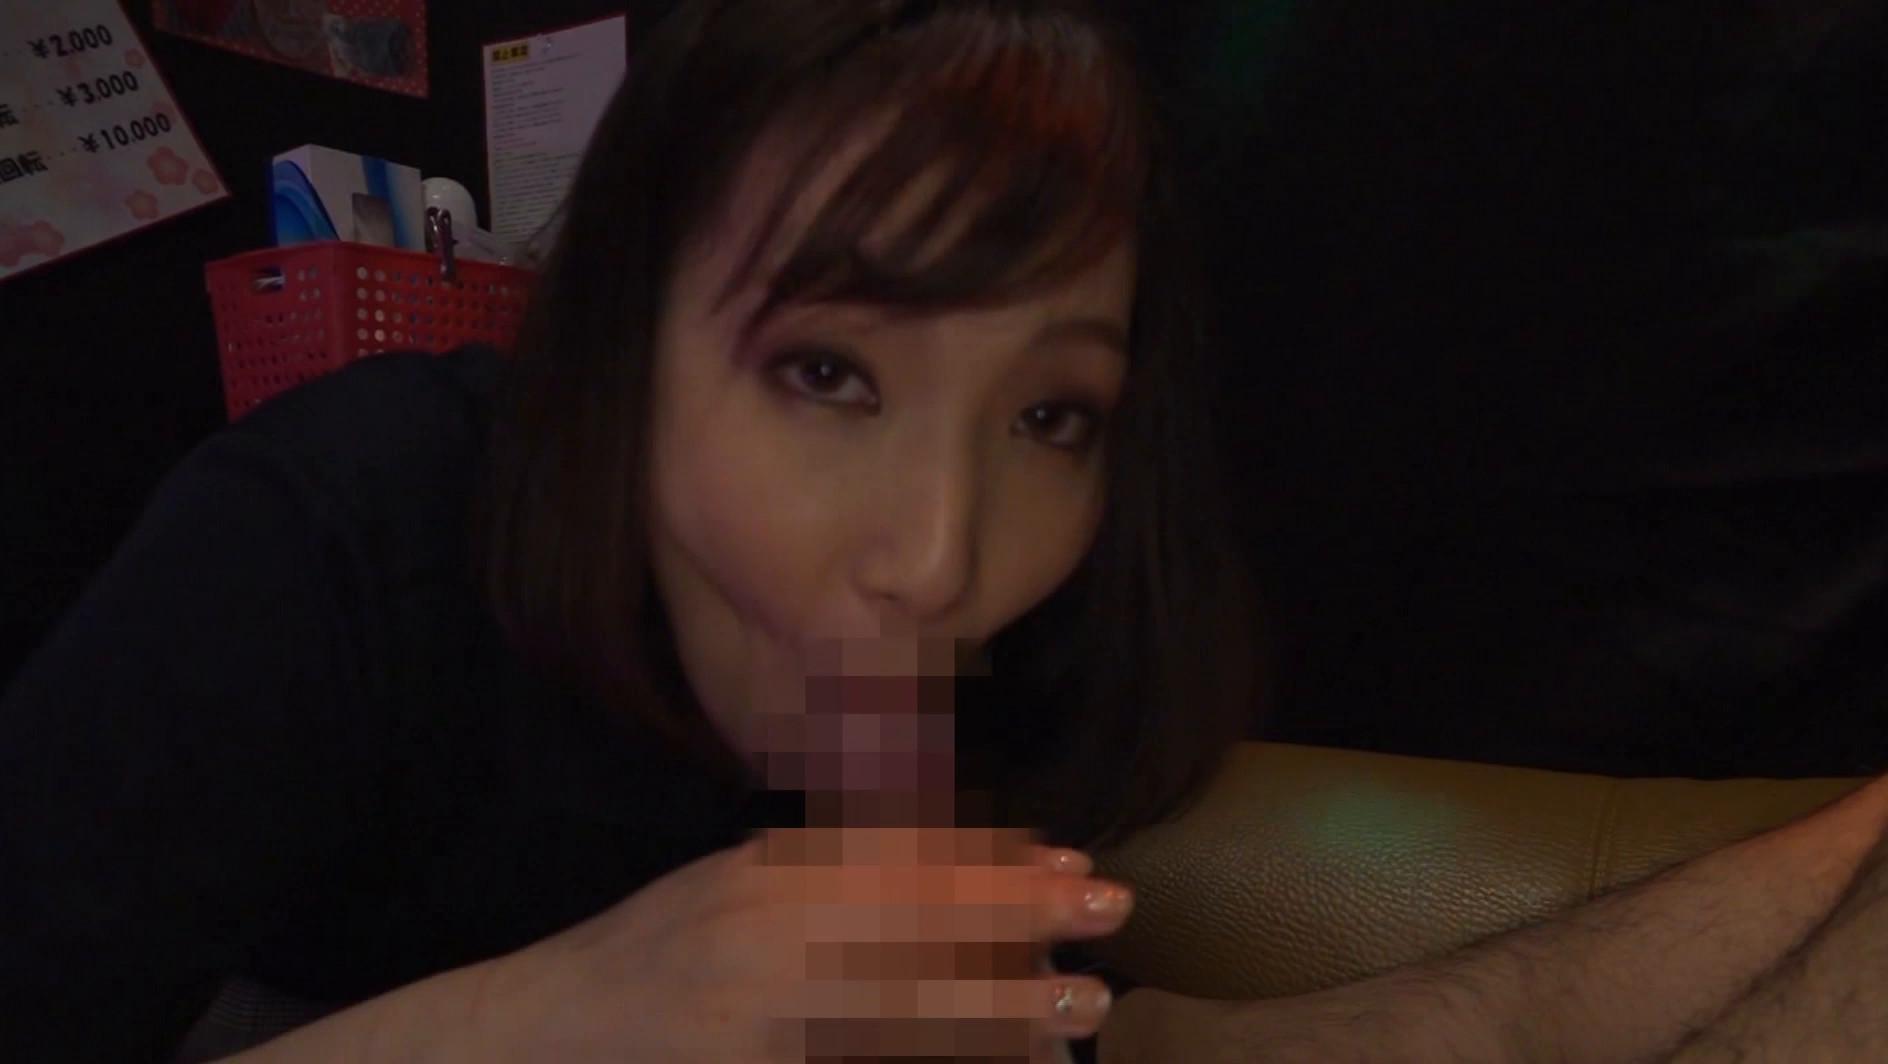 本番禁止だけど懇願したらナイショでヤらせてくれる渋谷のピンサロに行ってみた19